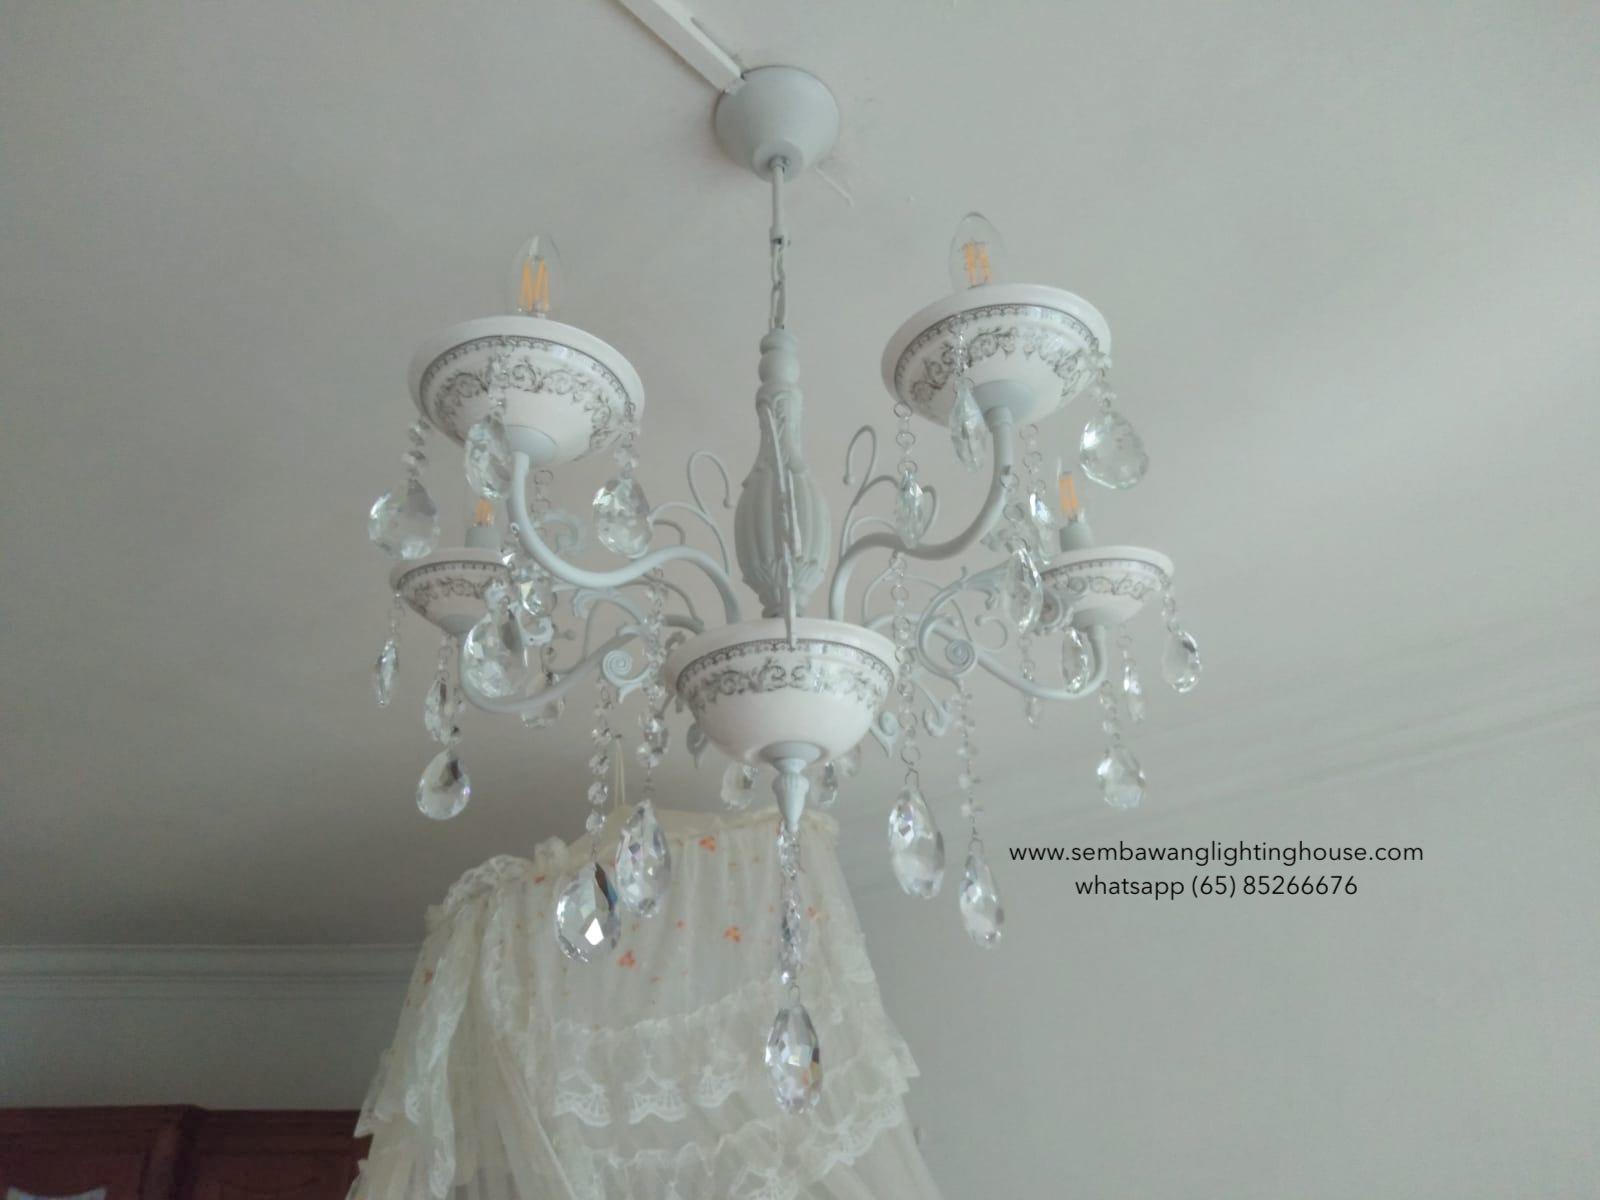 7753-5-white-crystal-chandelier-sembawang-lighting-house-4.jpg